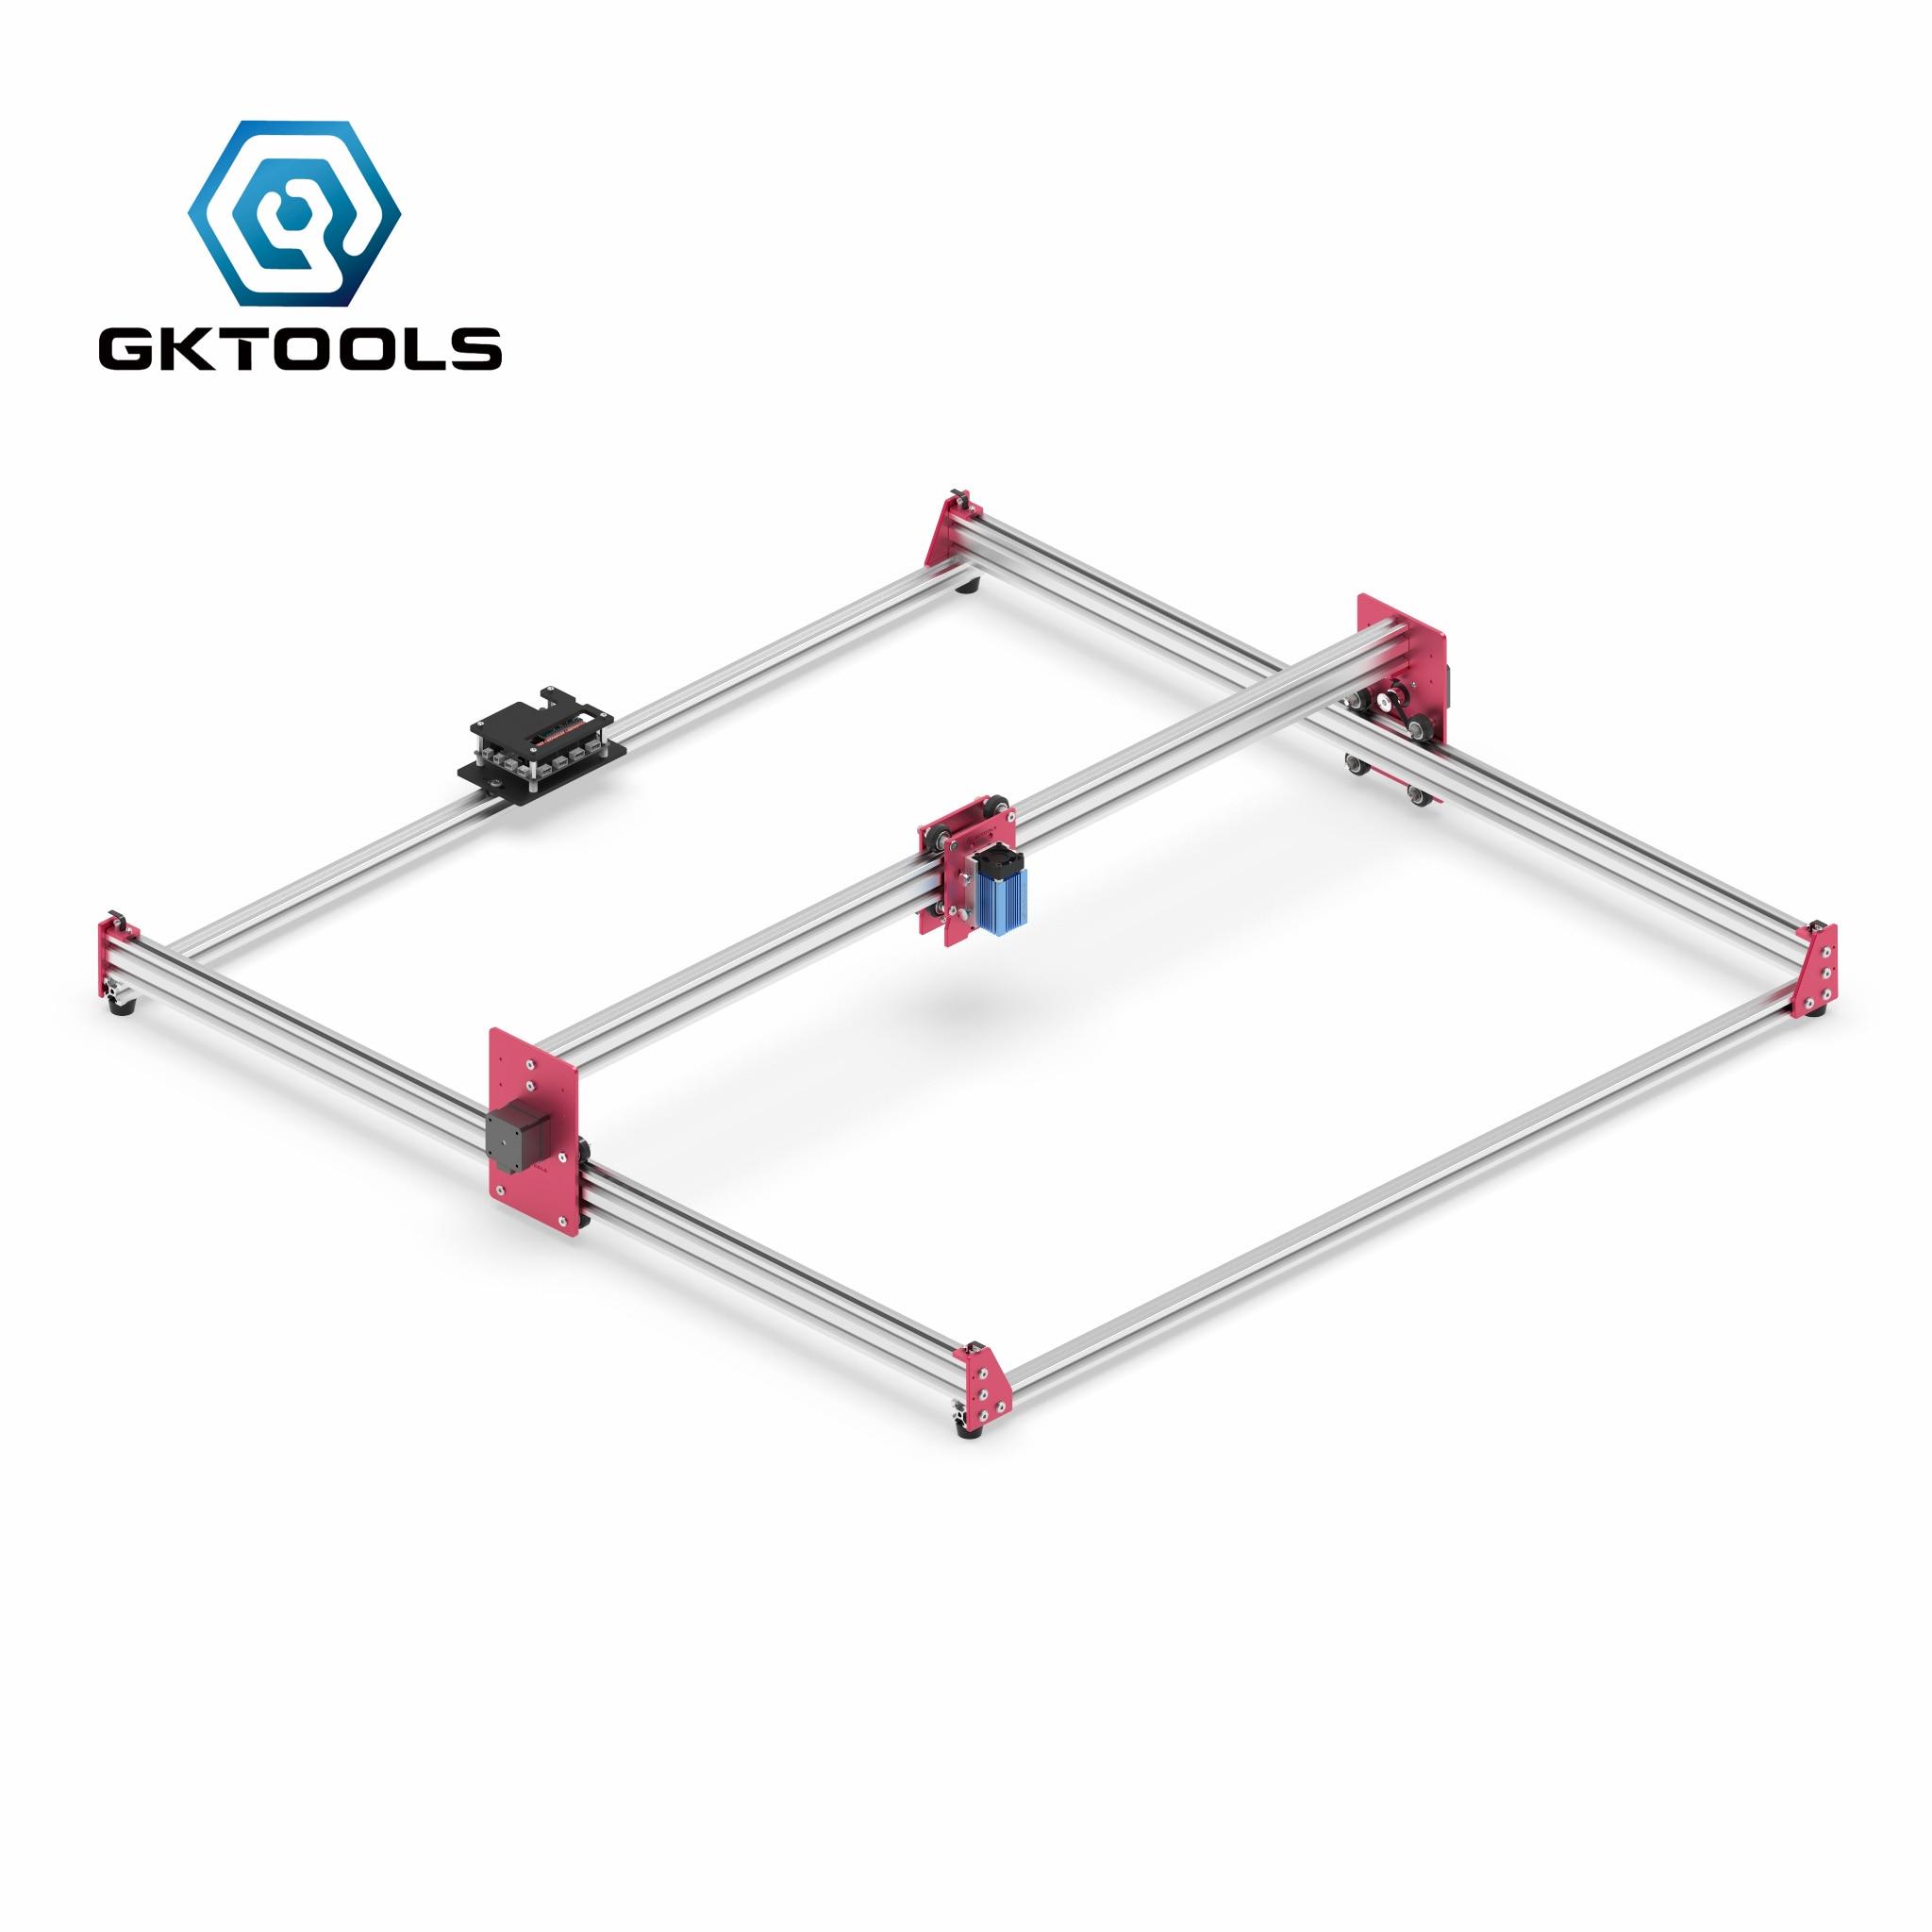 Laser Craving Engraving Free shipping GK1010Pro 100*100cm Mini 500/2500/5500/7500mW CNC Machine DIY Desktop Laser Printer - 6